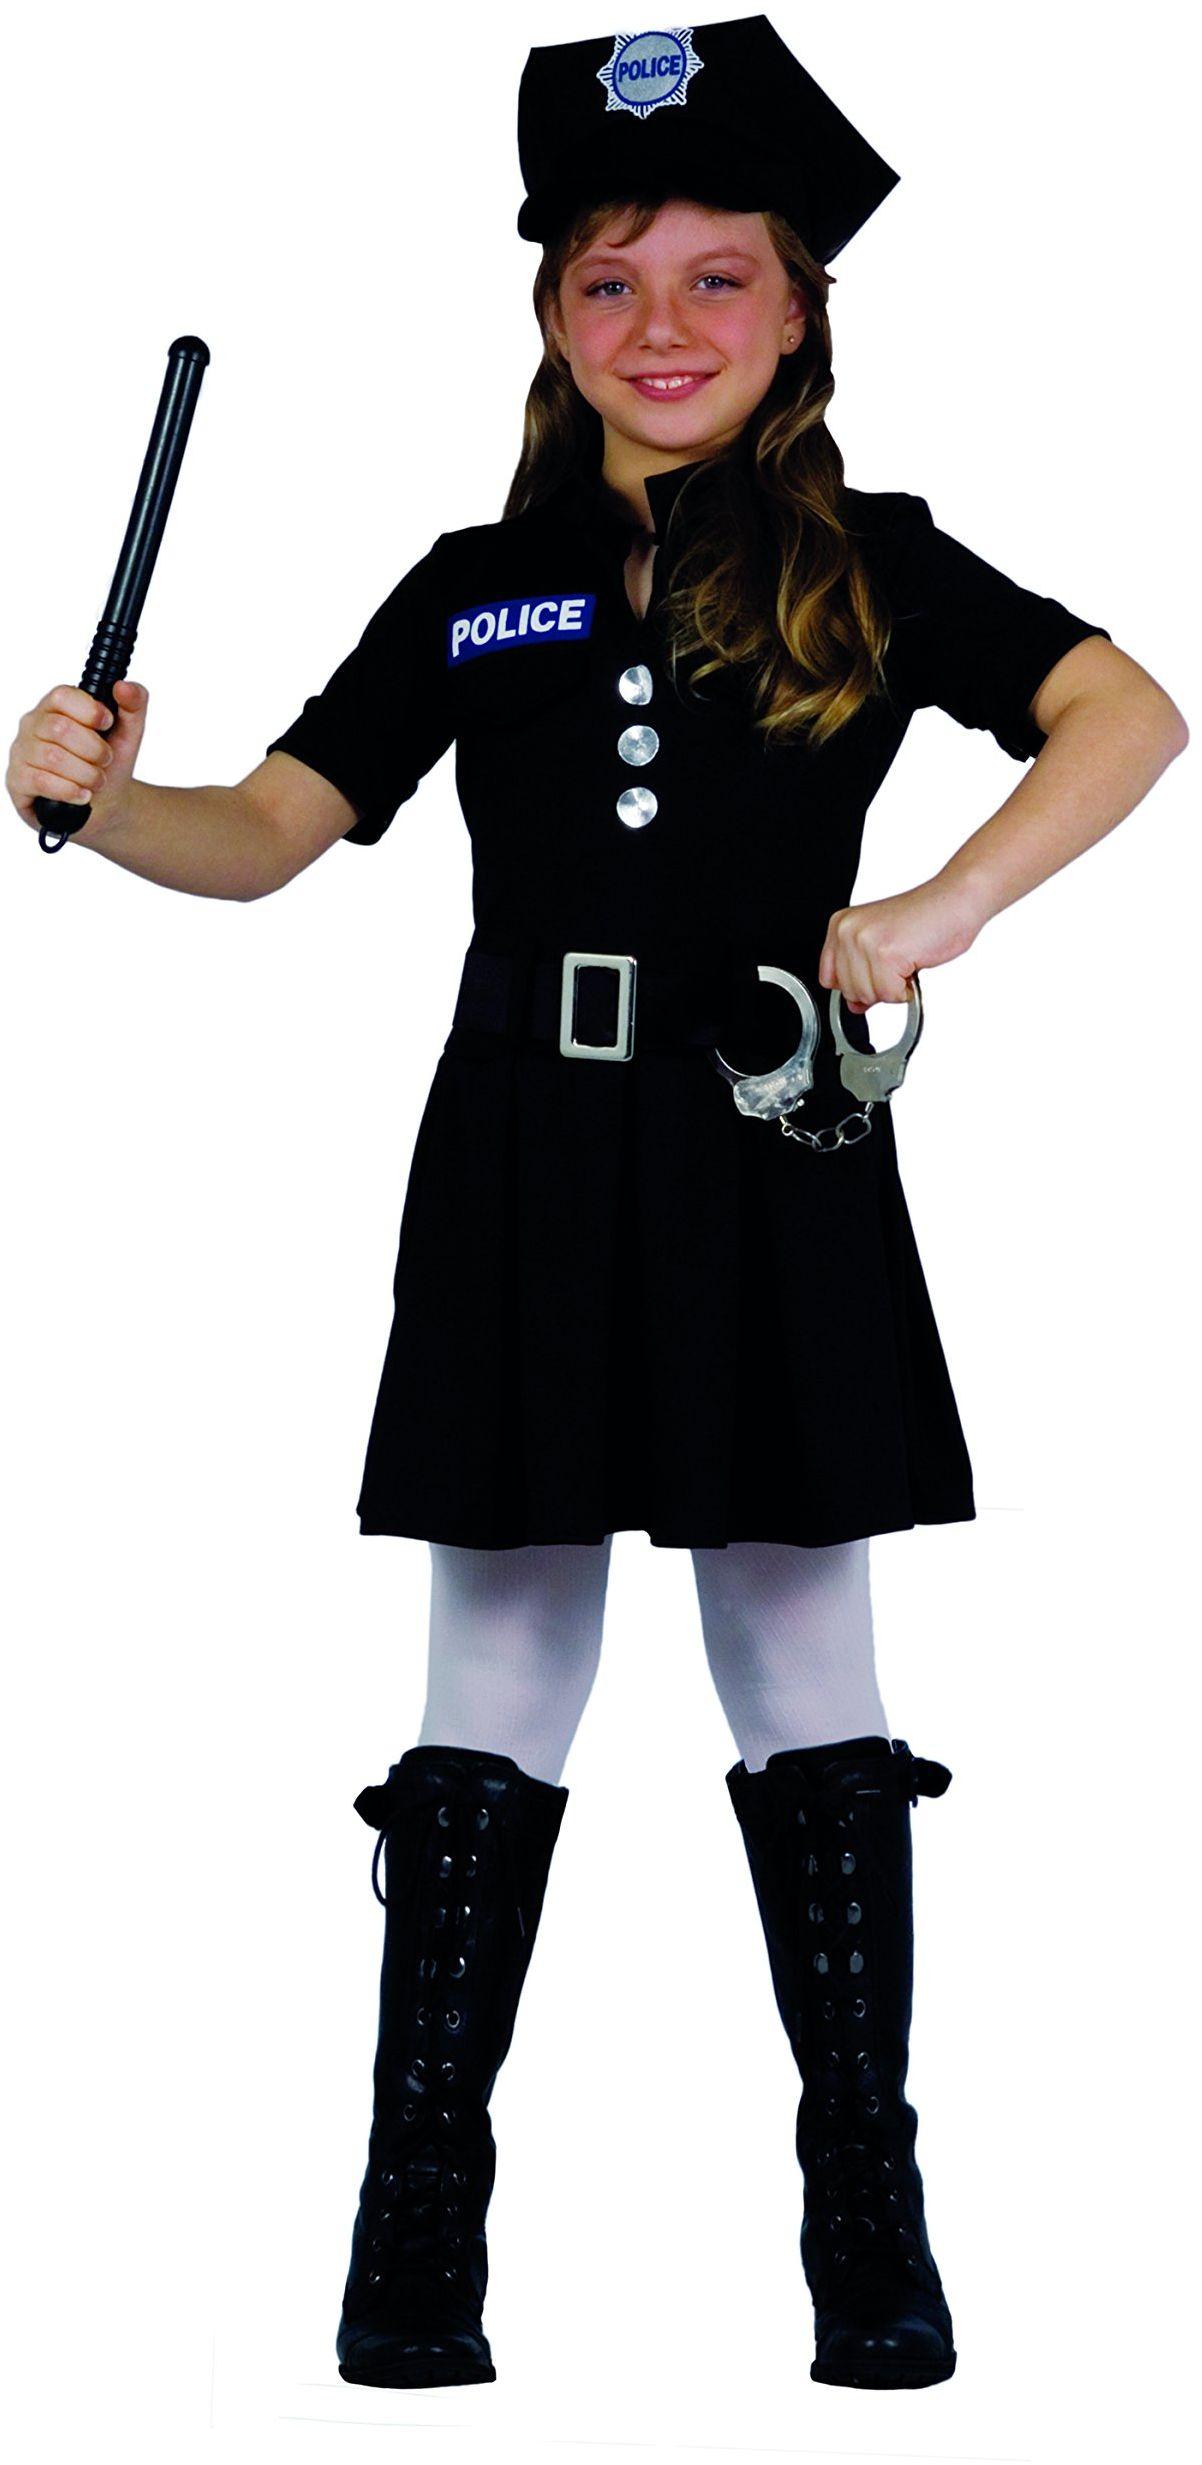 Fiori Paolo 61223 - kostium policjanta dla chłopców 7-9 anni czarny